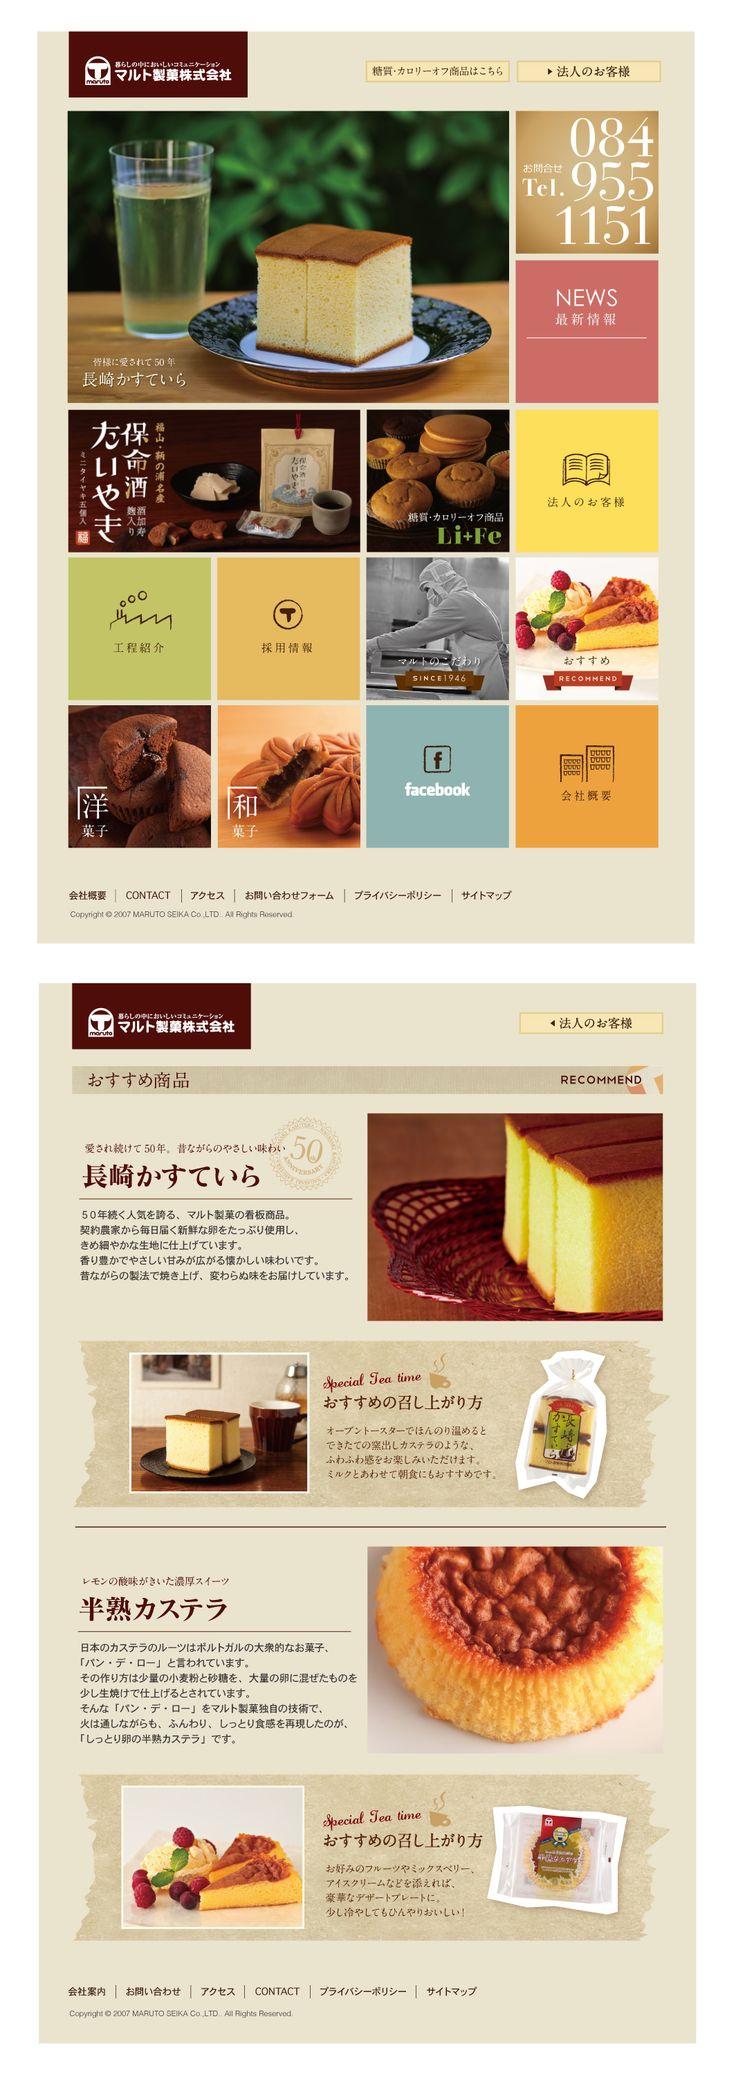 『マルト製菓』web design